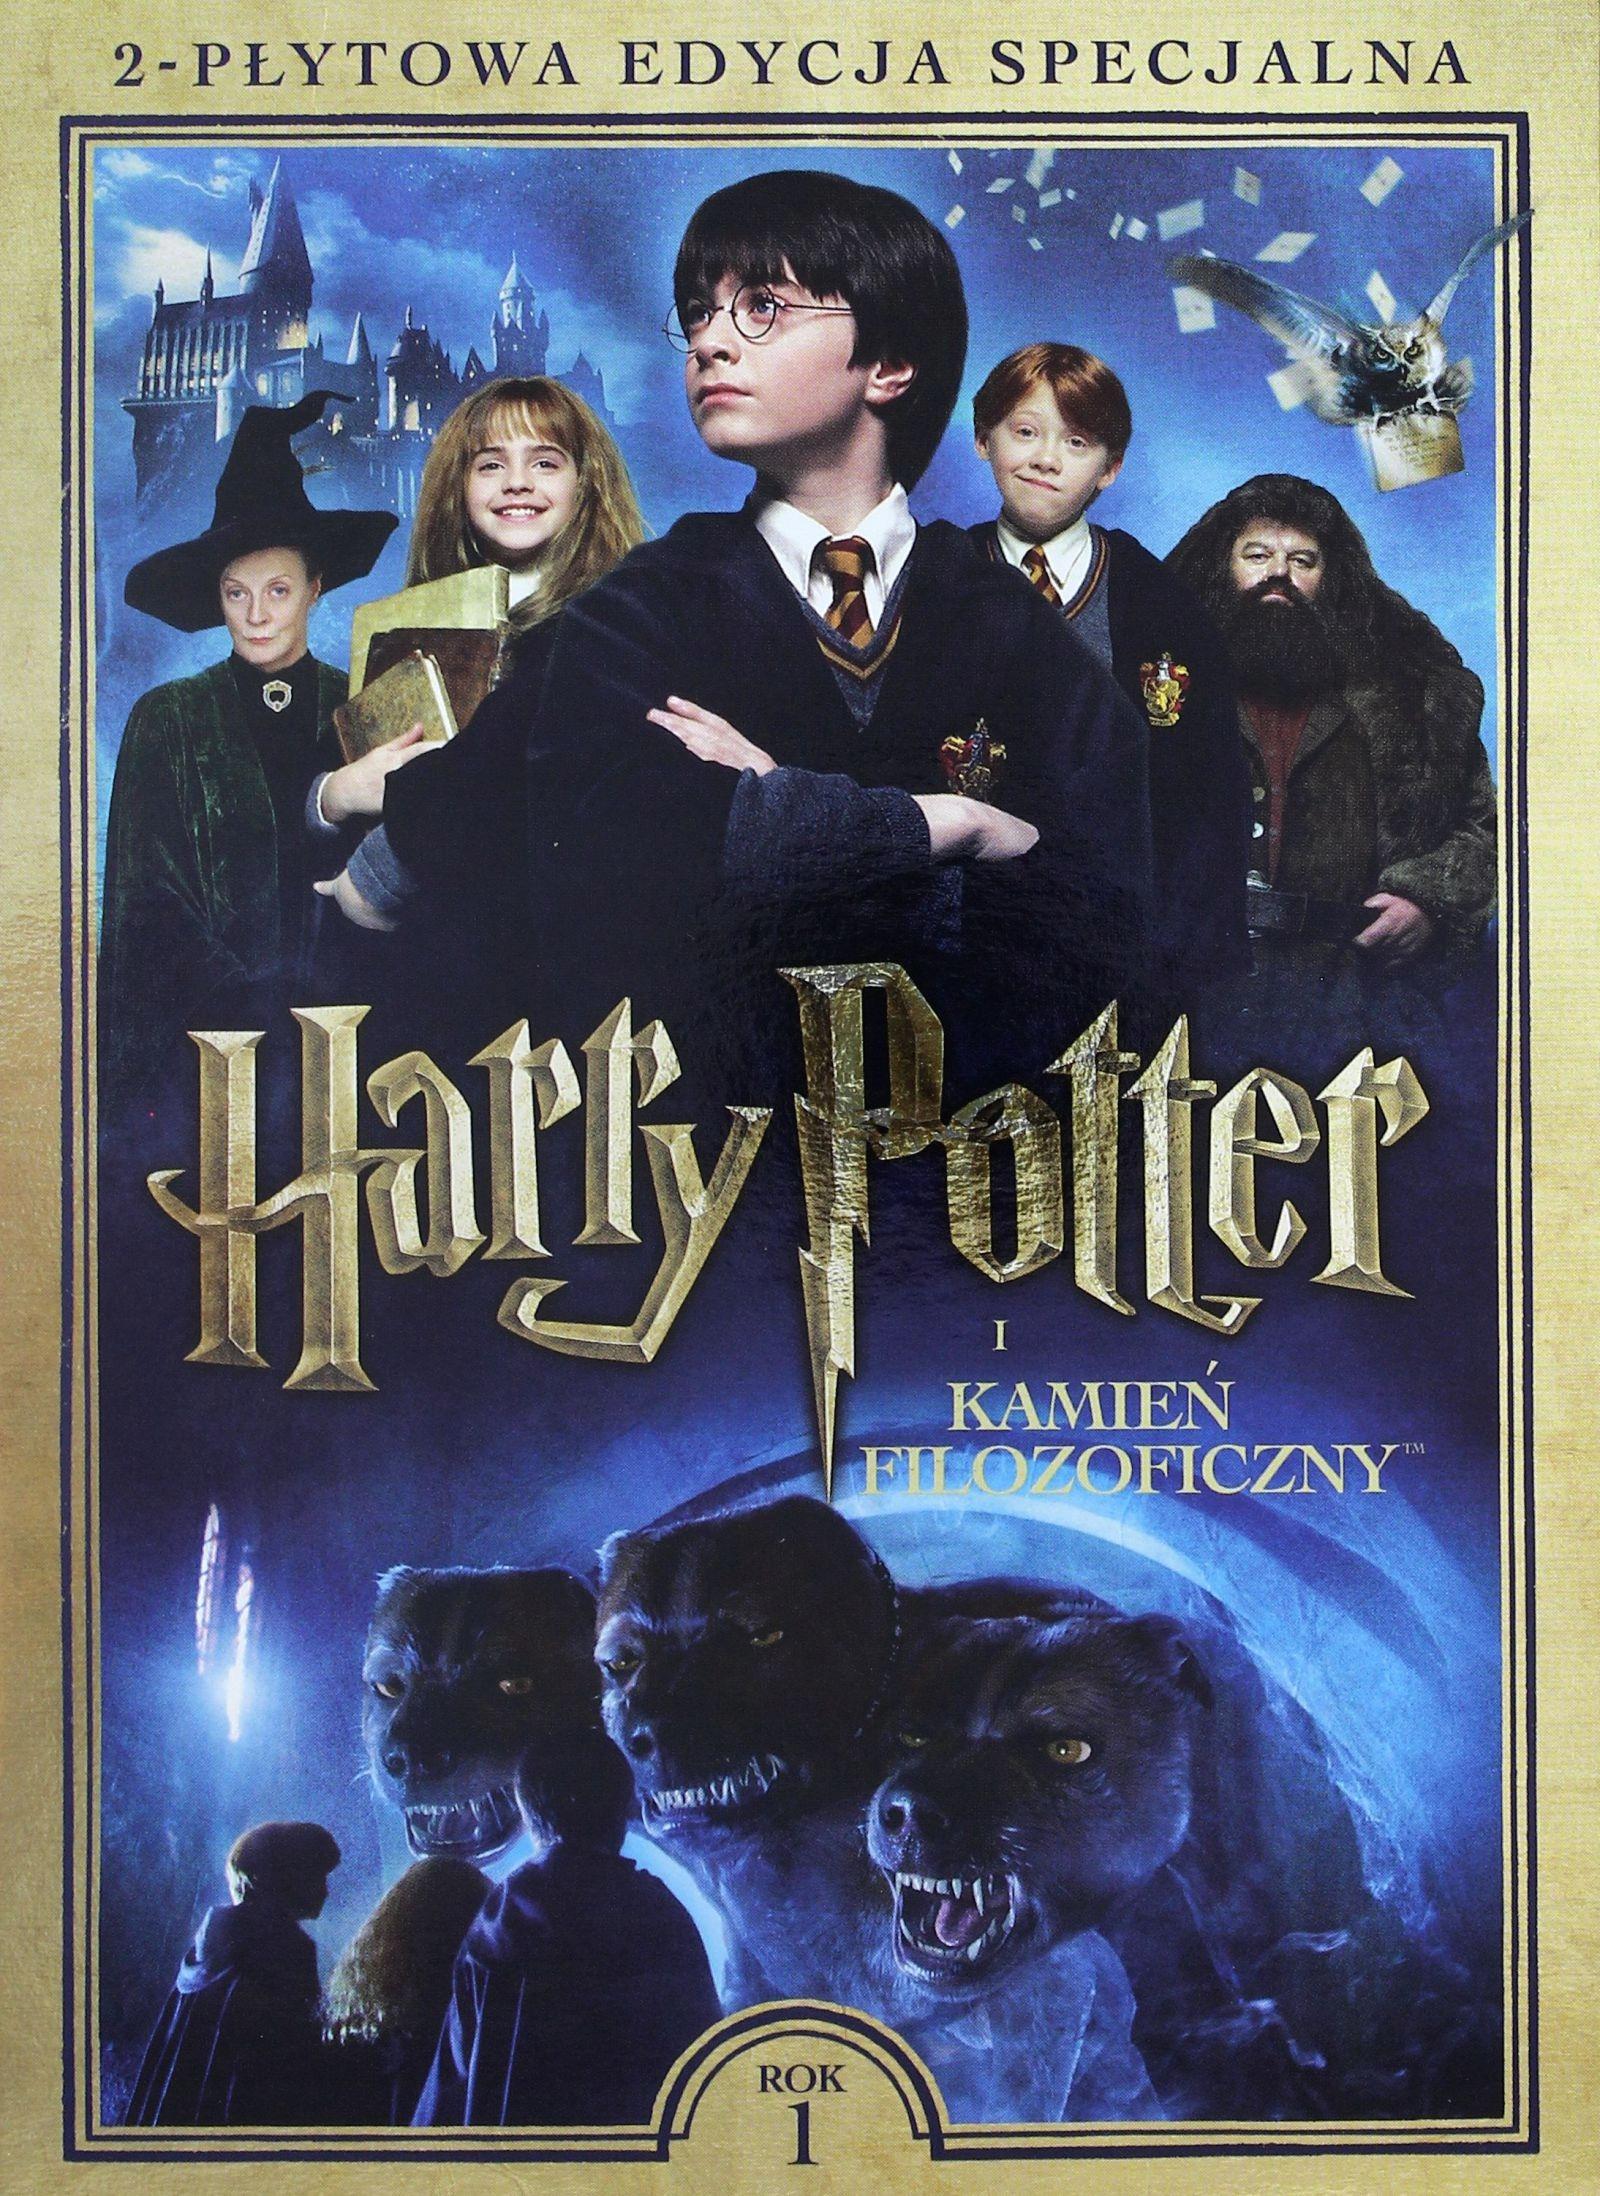 HARRY POTTER I KAMIEŃ FILOZOFICZNY [2DVD]